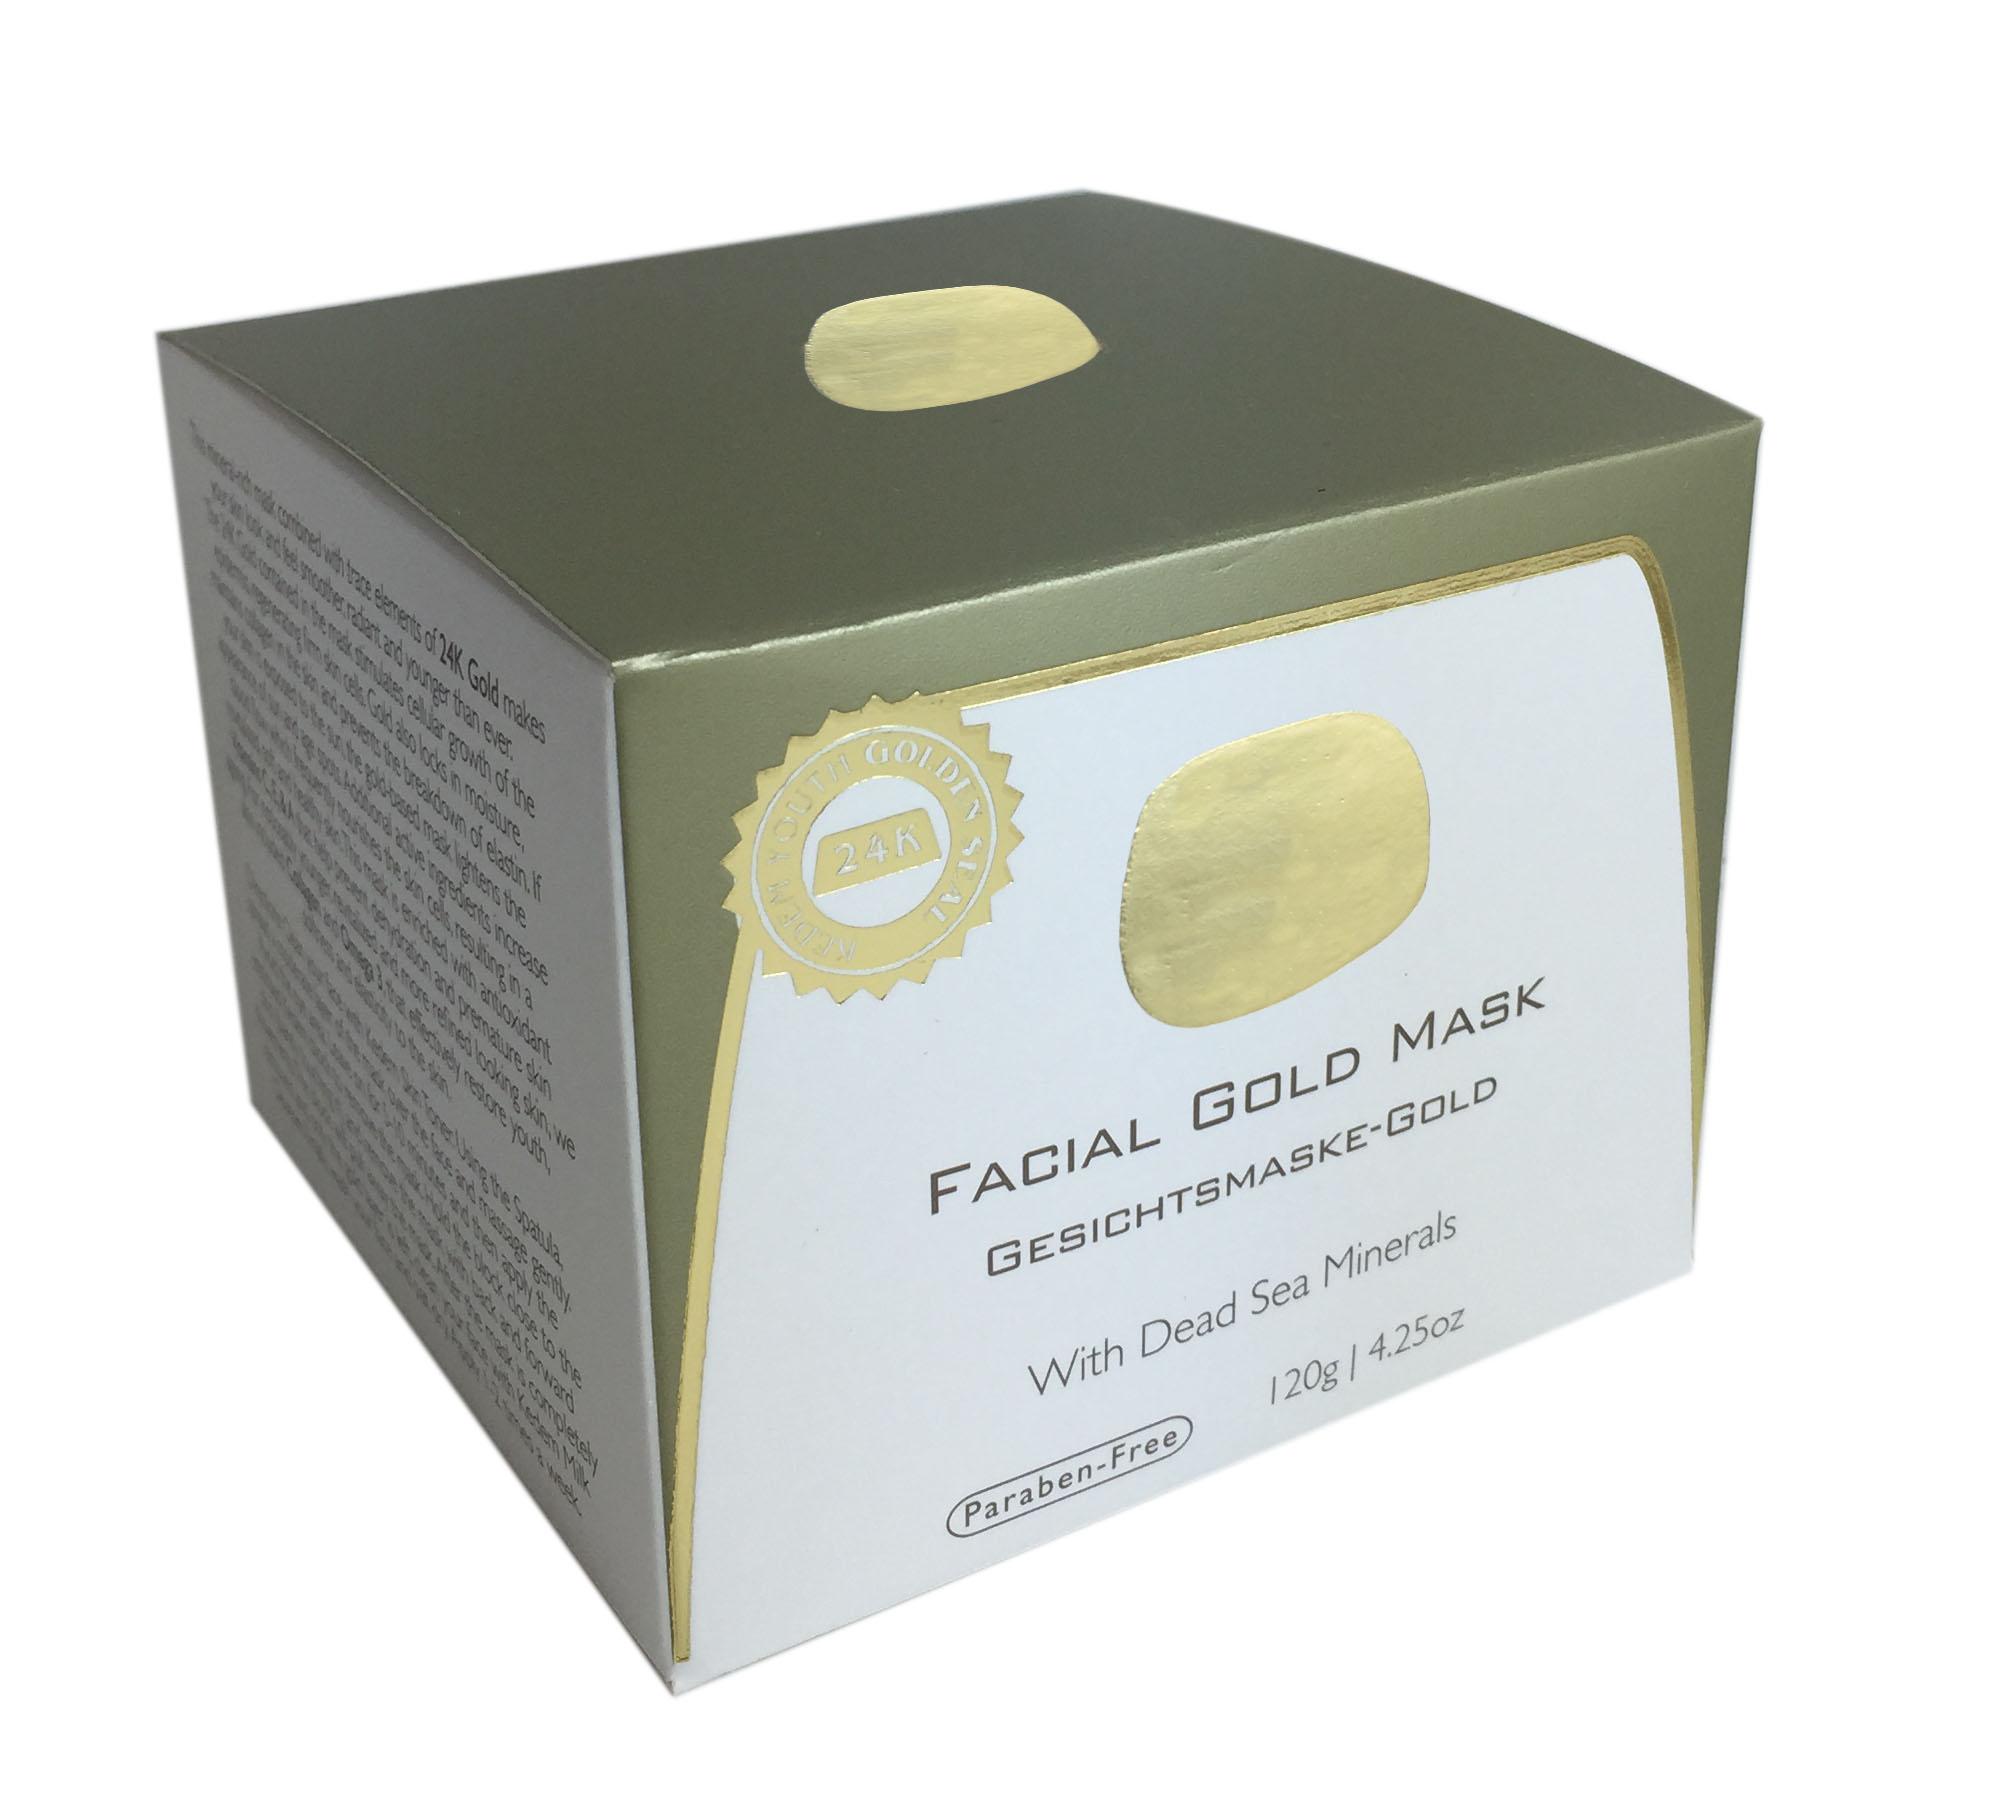 מסיכת זהב 24K מוצרי ים המלח